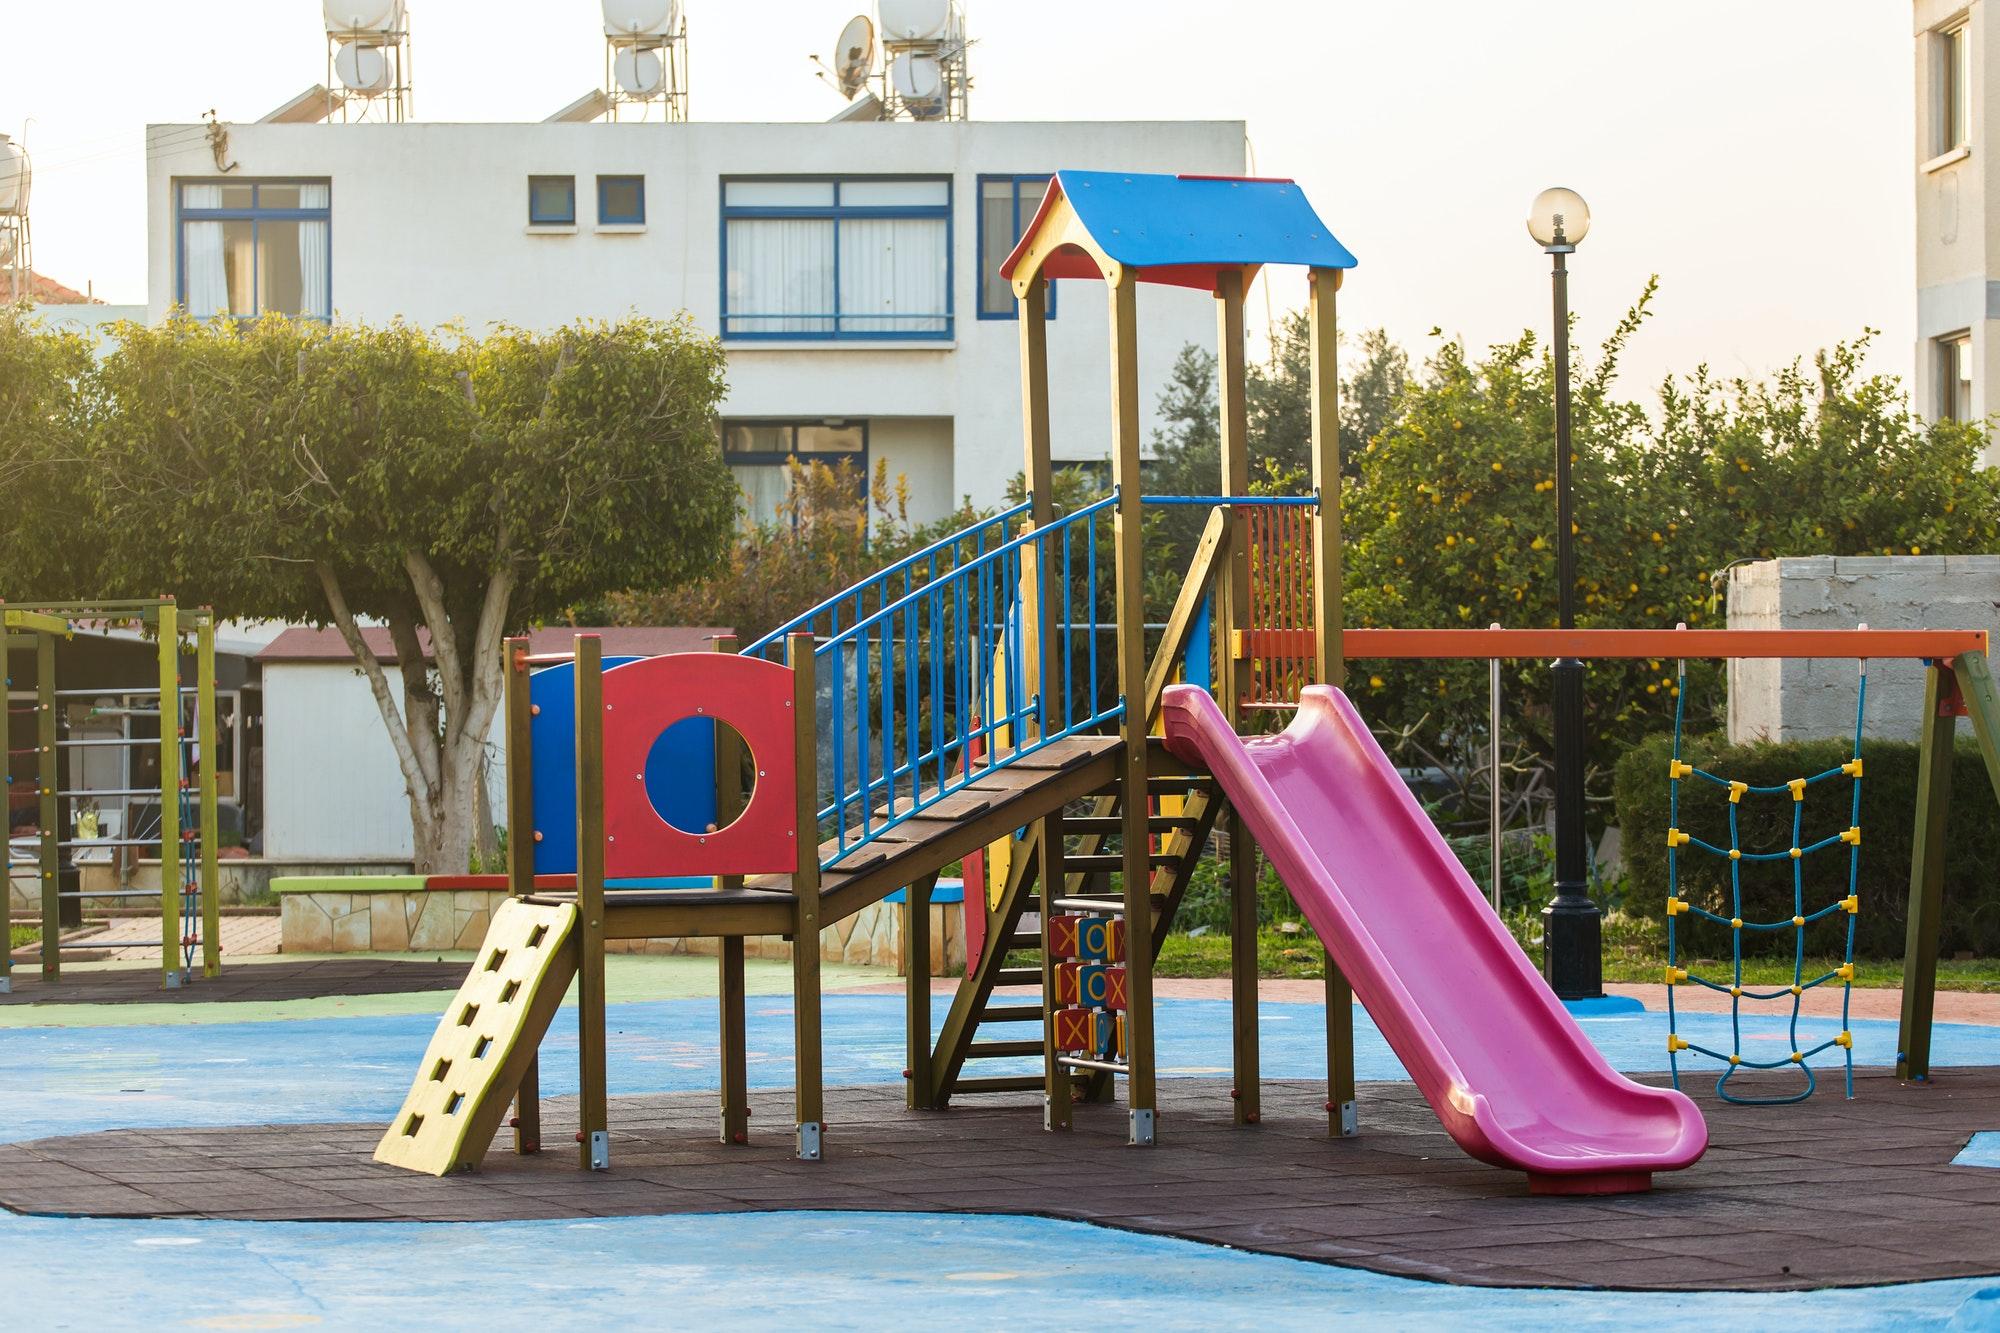 Children's playground outdoor